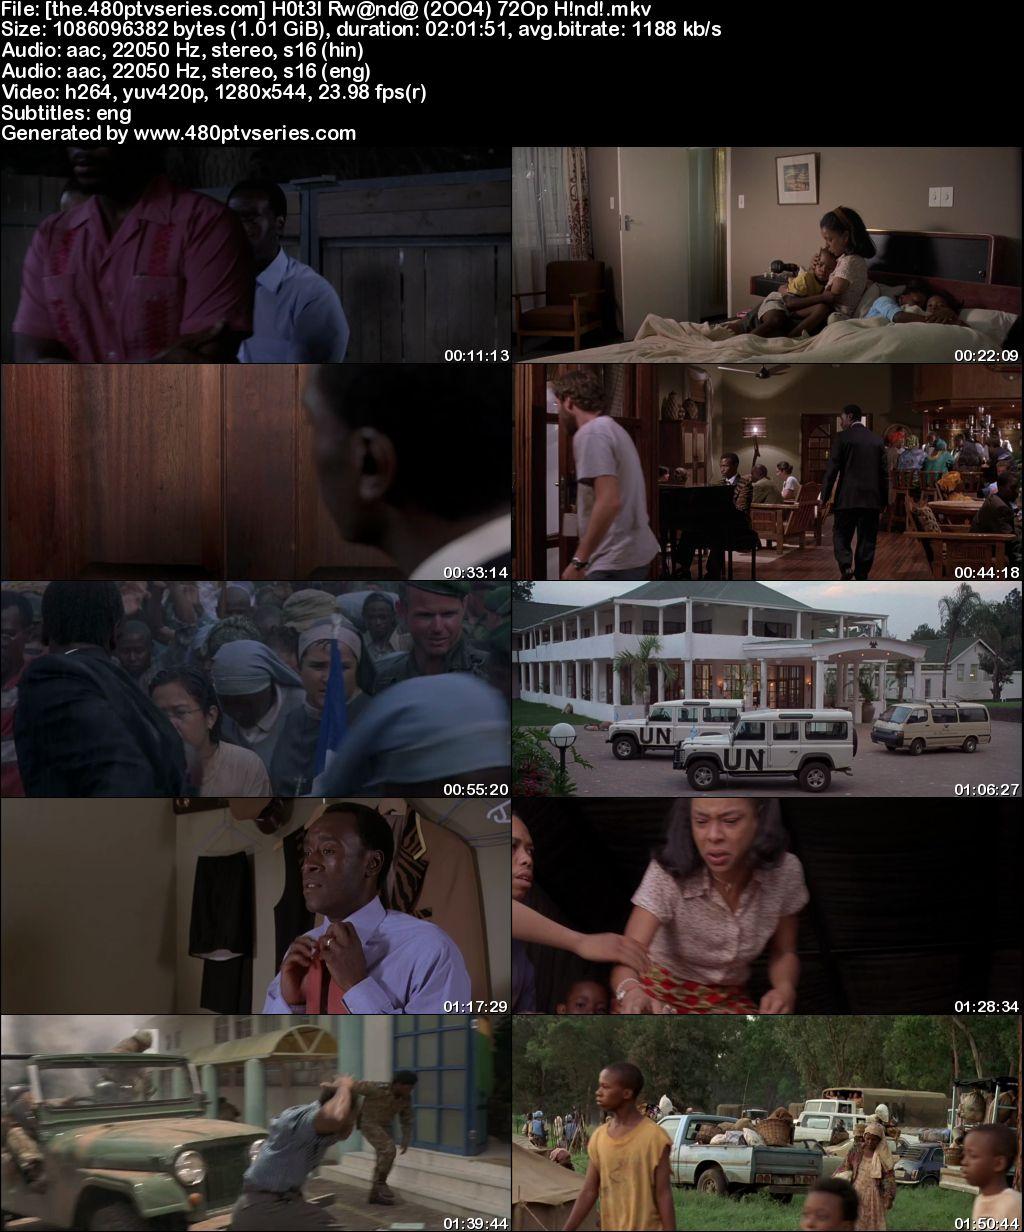 Watch Online Free Hotel Rwanda (2004) Full Hindi Dual Audio Movie Download 480p 720p Bluray